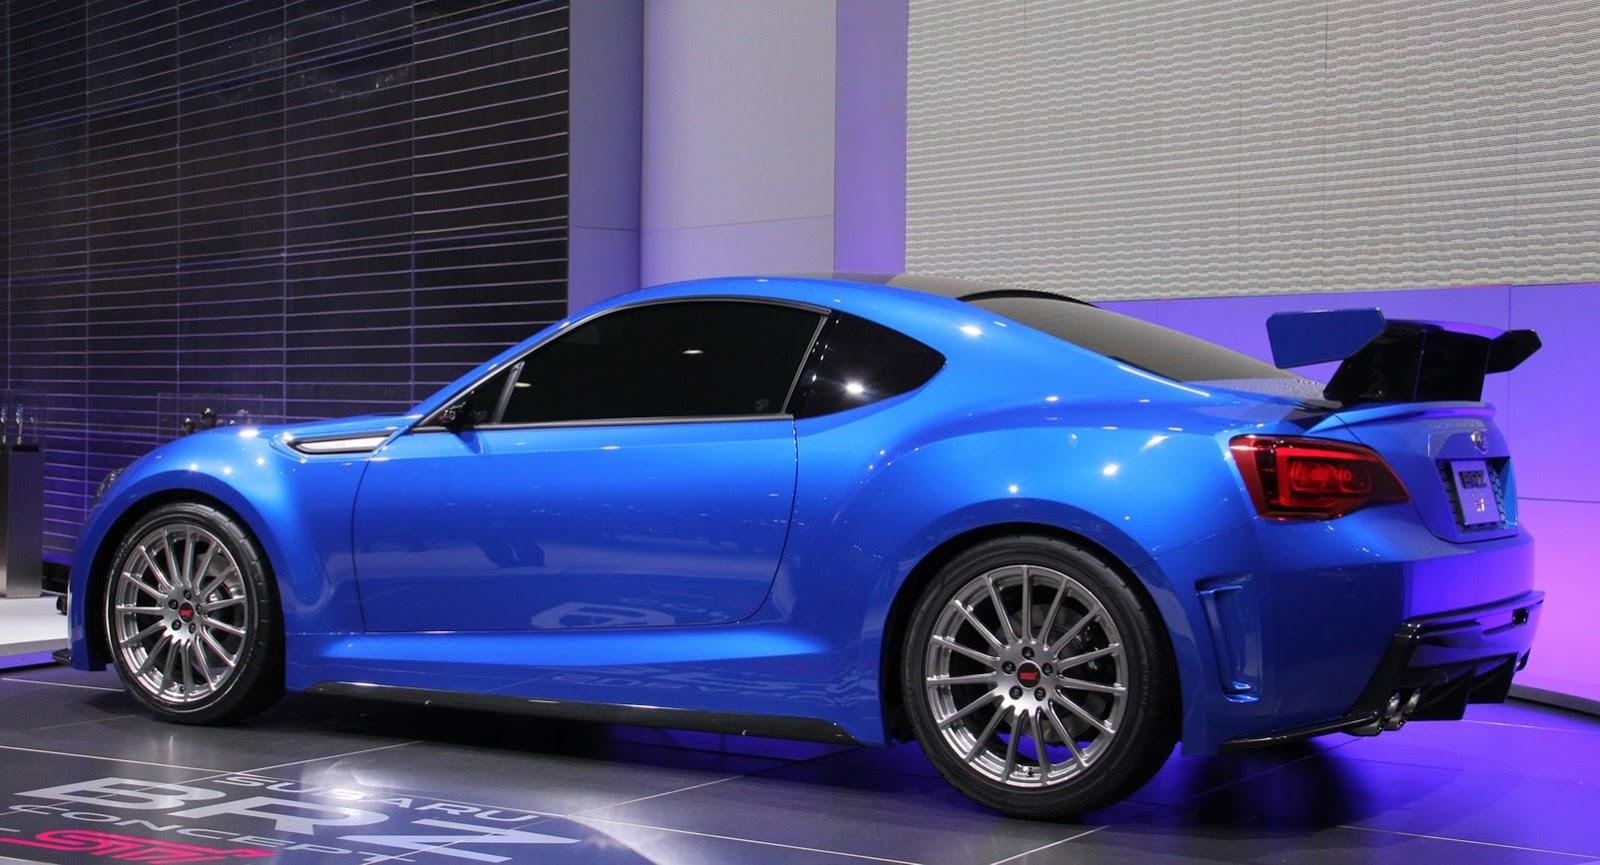 Subaru-BRZ-1%255B2%255D.jpg